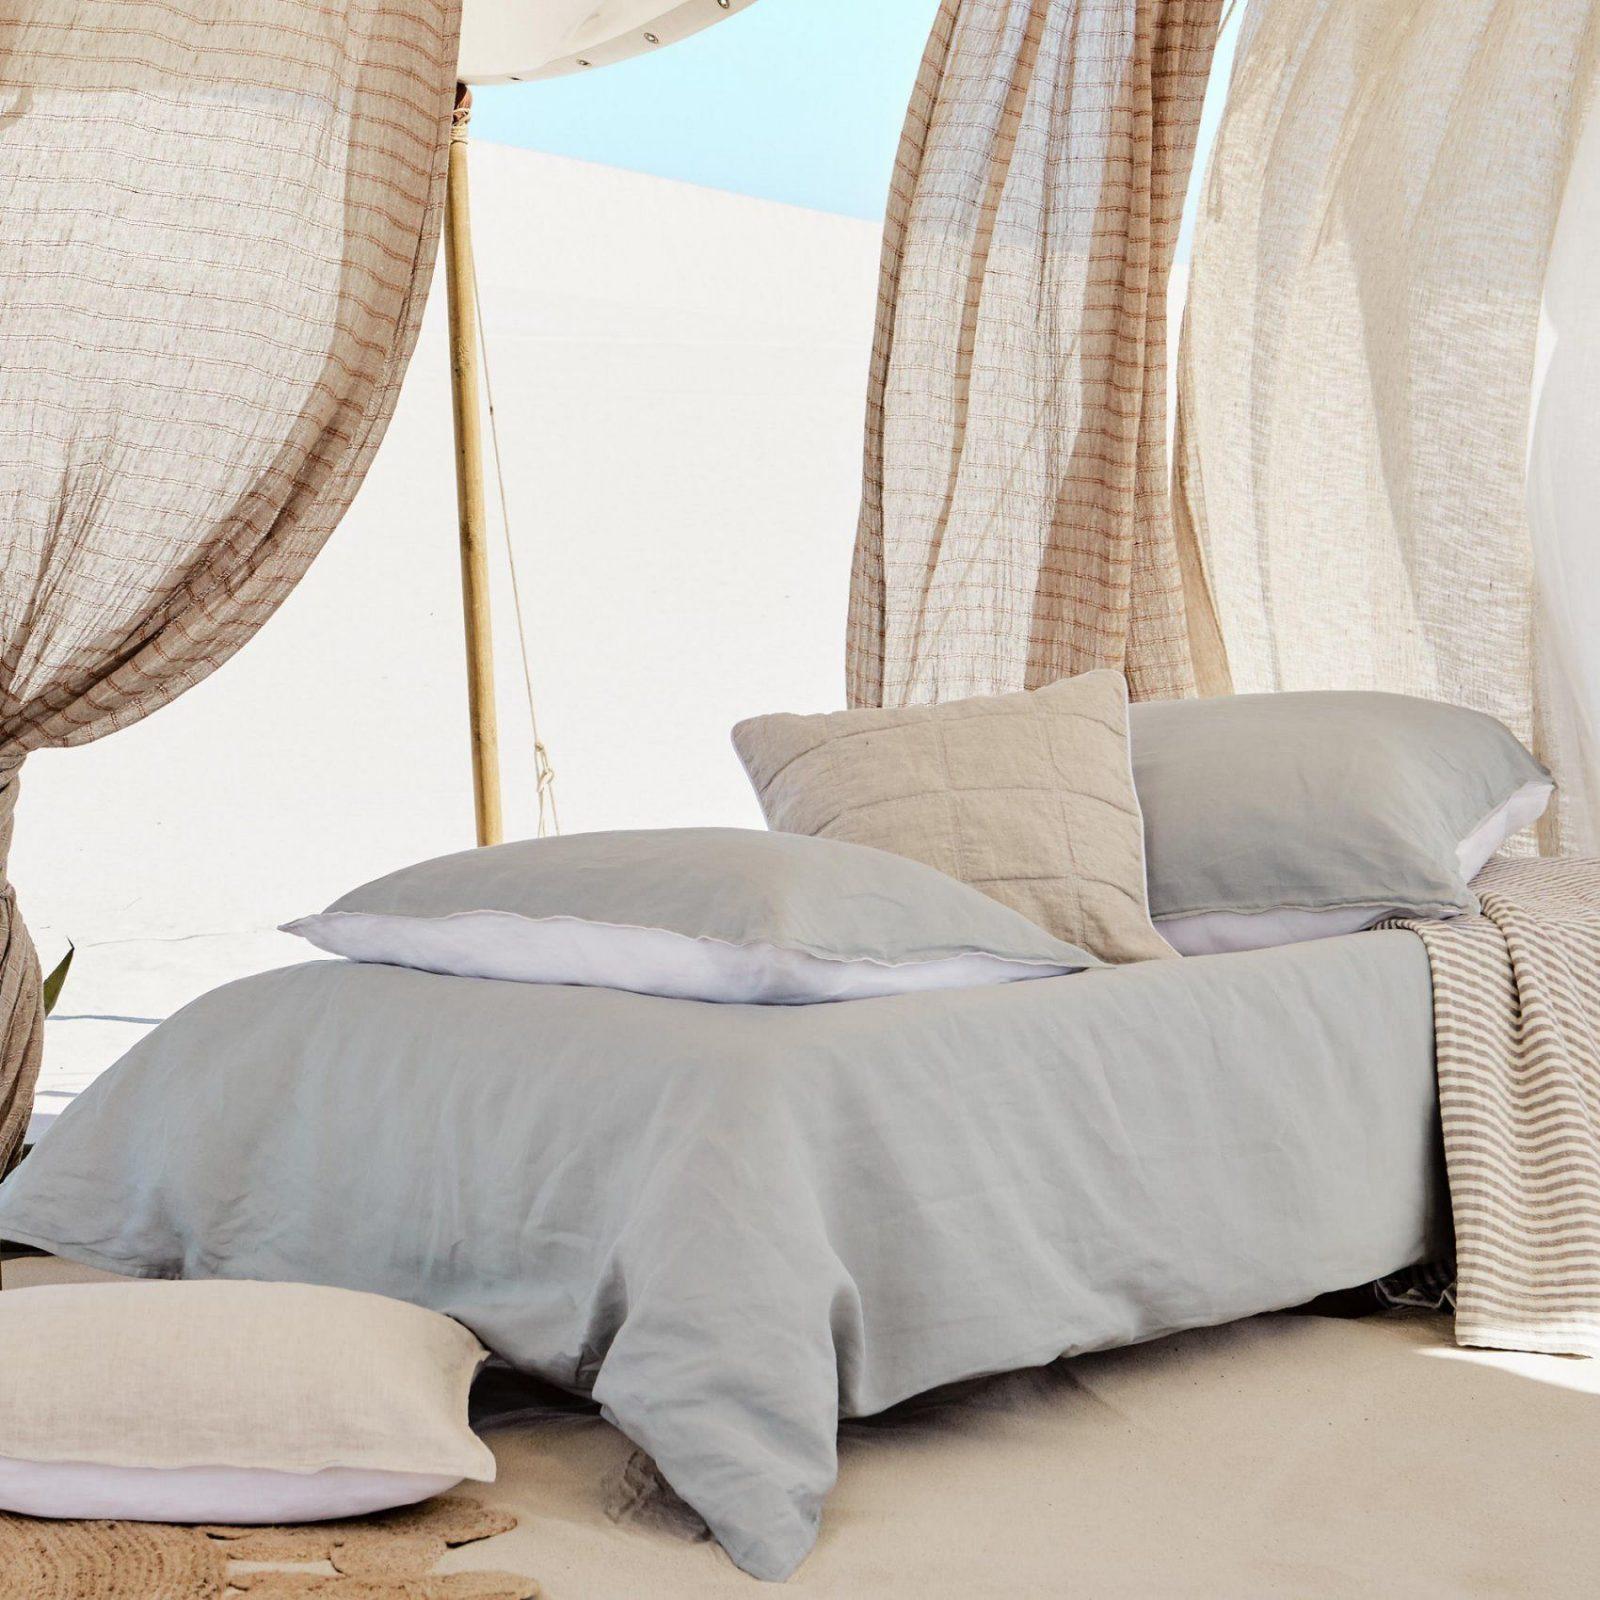 Leinen Bettwsche Hm Amazing Leinen Bettwasche Ikea Wunderbar Pip von Leinen Bettwäsche Ikea Bild